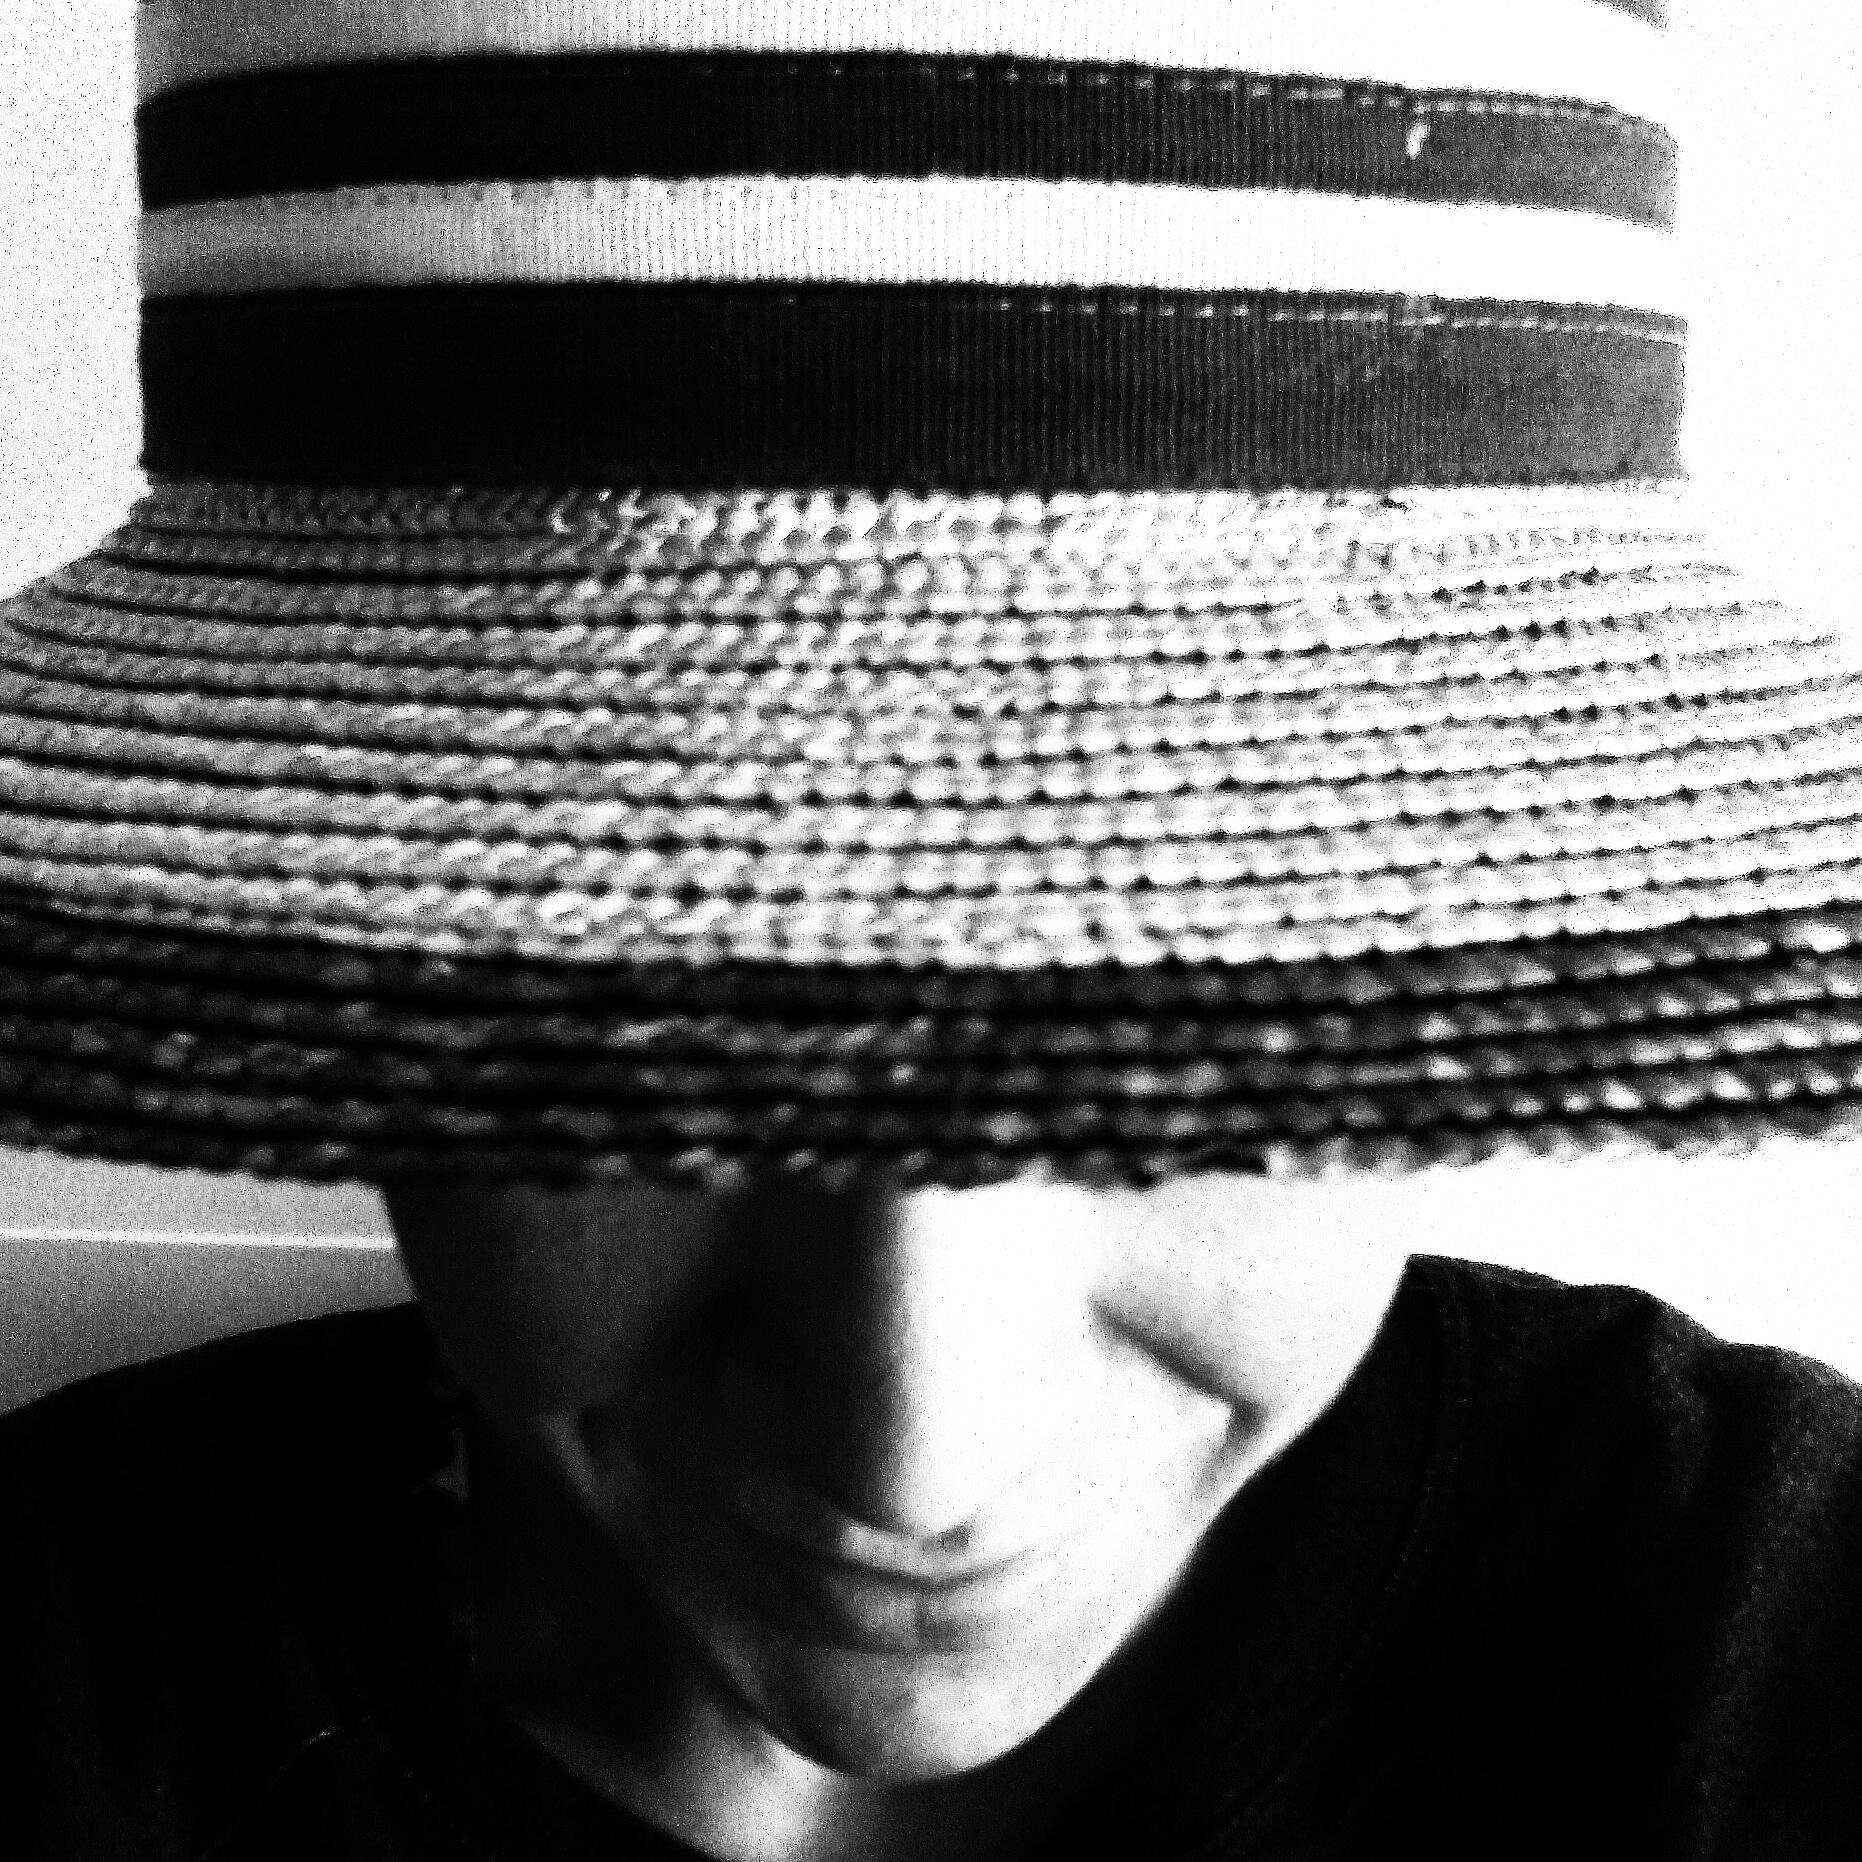 boater vintage hat